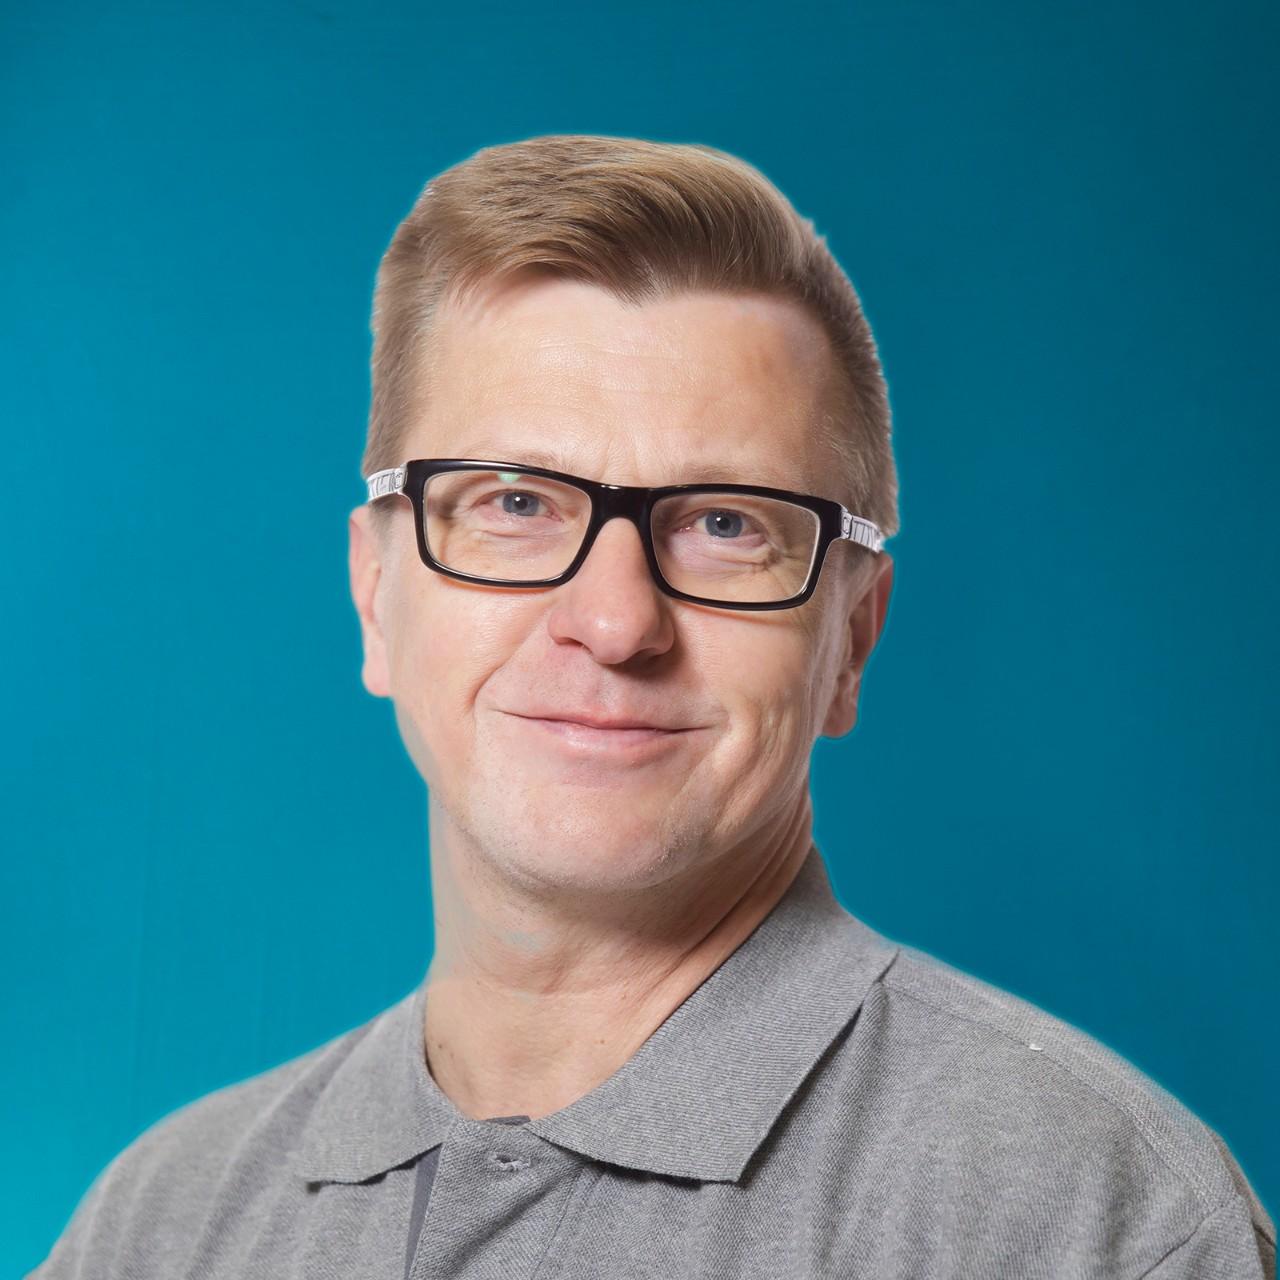 Kuorma-automyyjä Timo Sarjanoja